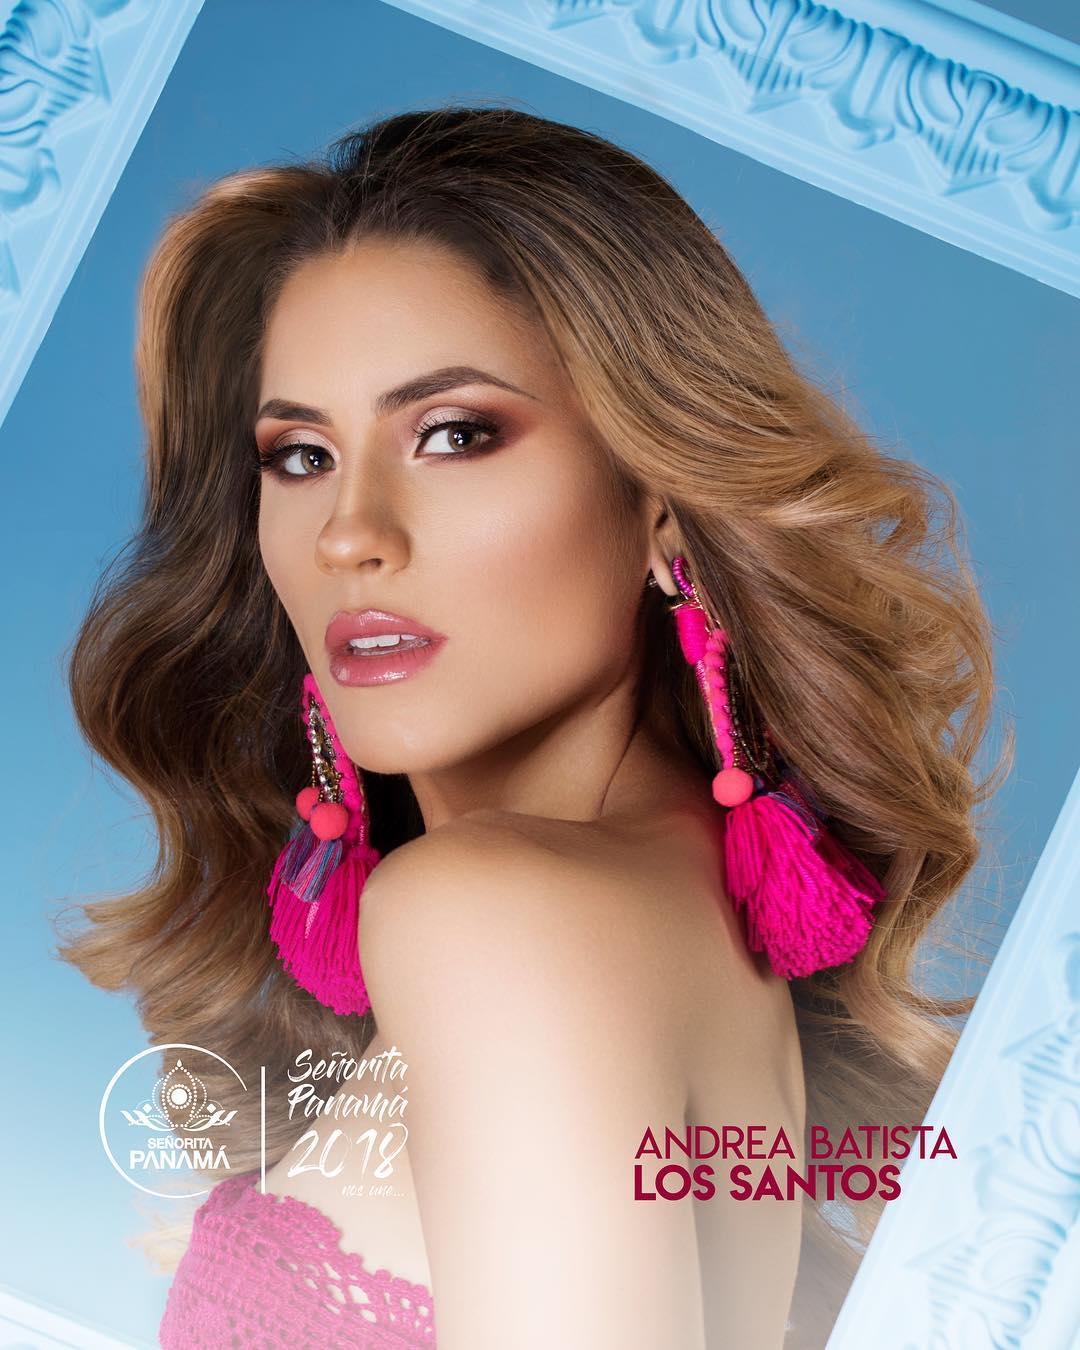 señorita miss colombia 2018 candidates candidatas contestants delegates Miss Los Santos Andrea Batista